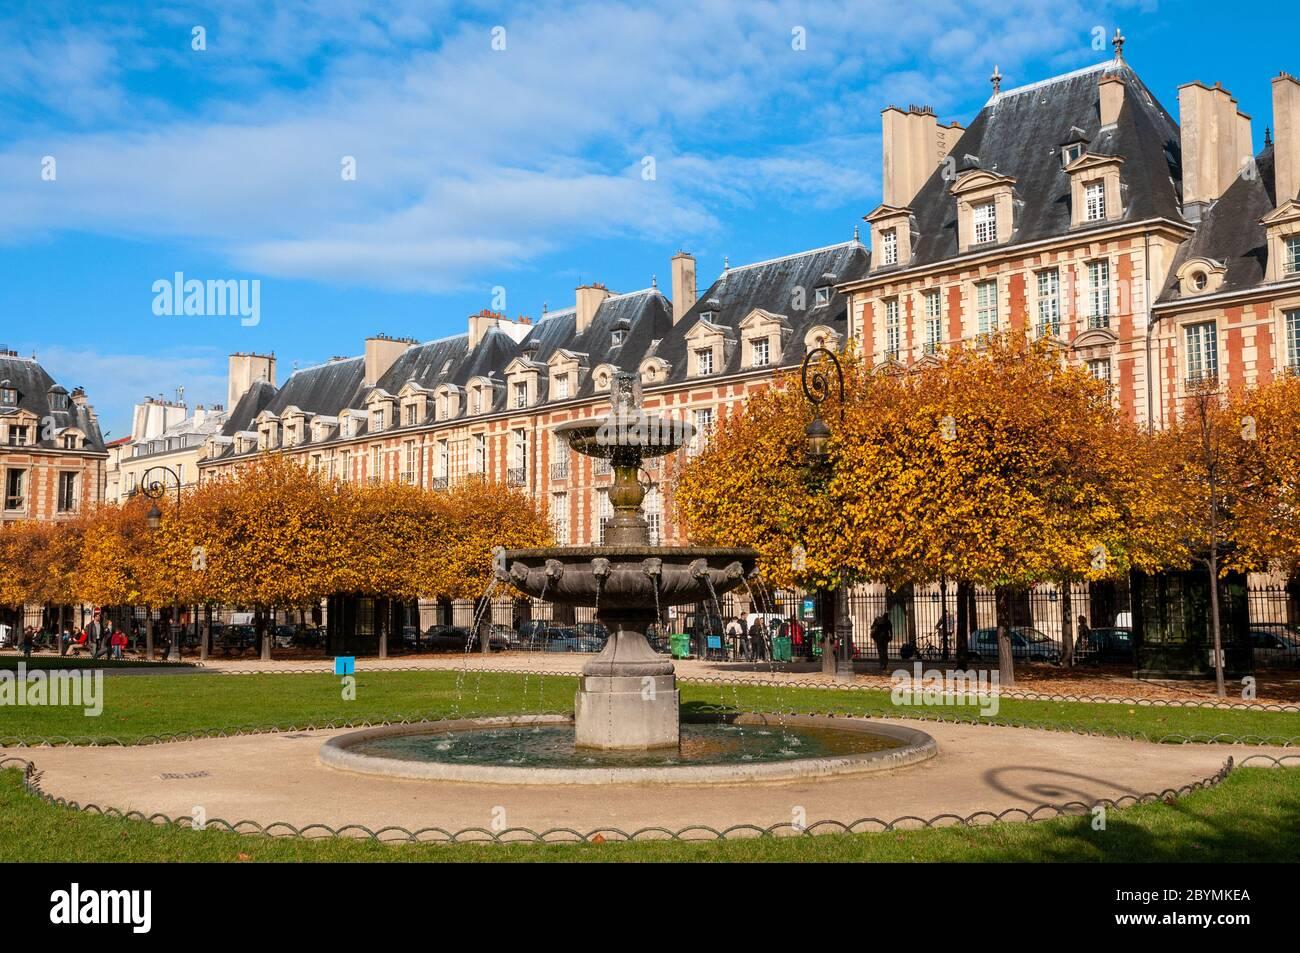 Fontaine de la Place des Vosges, Le Marais, Paris, France Banque D'Images